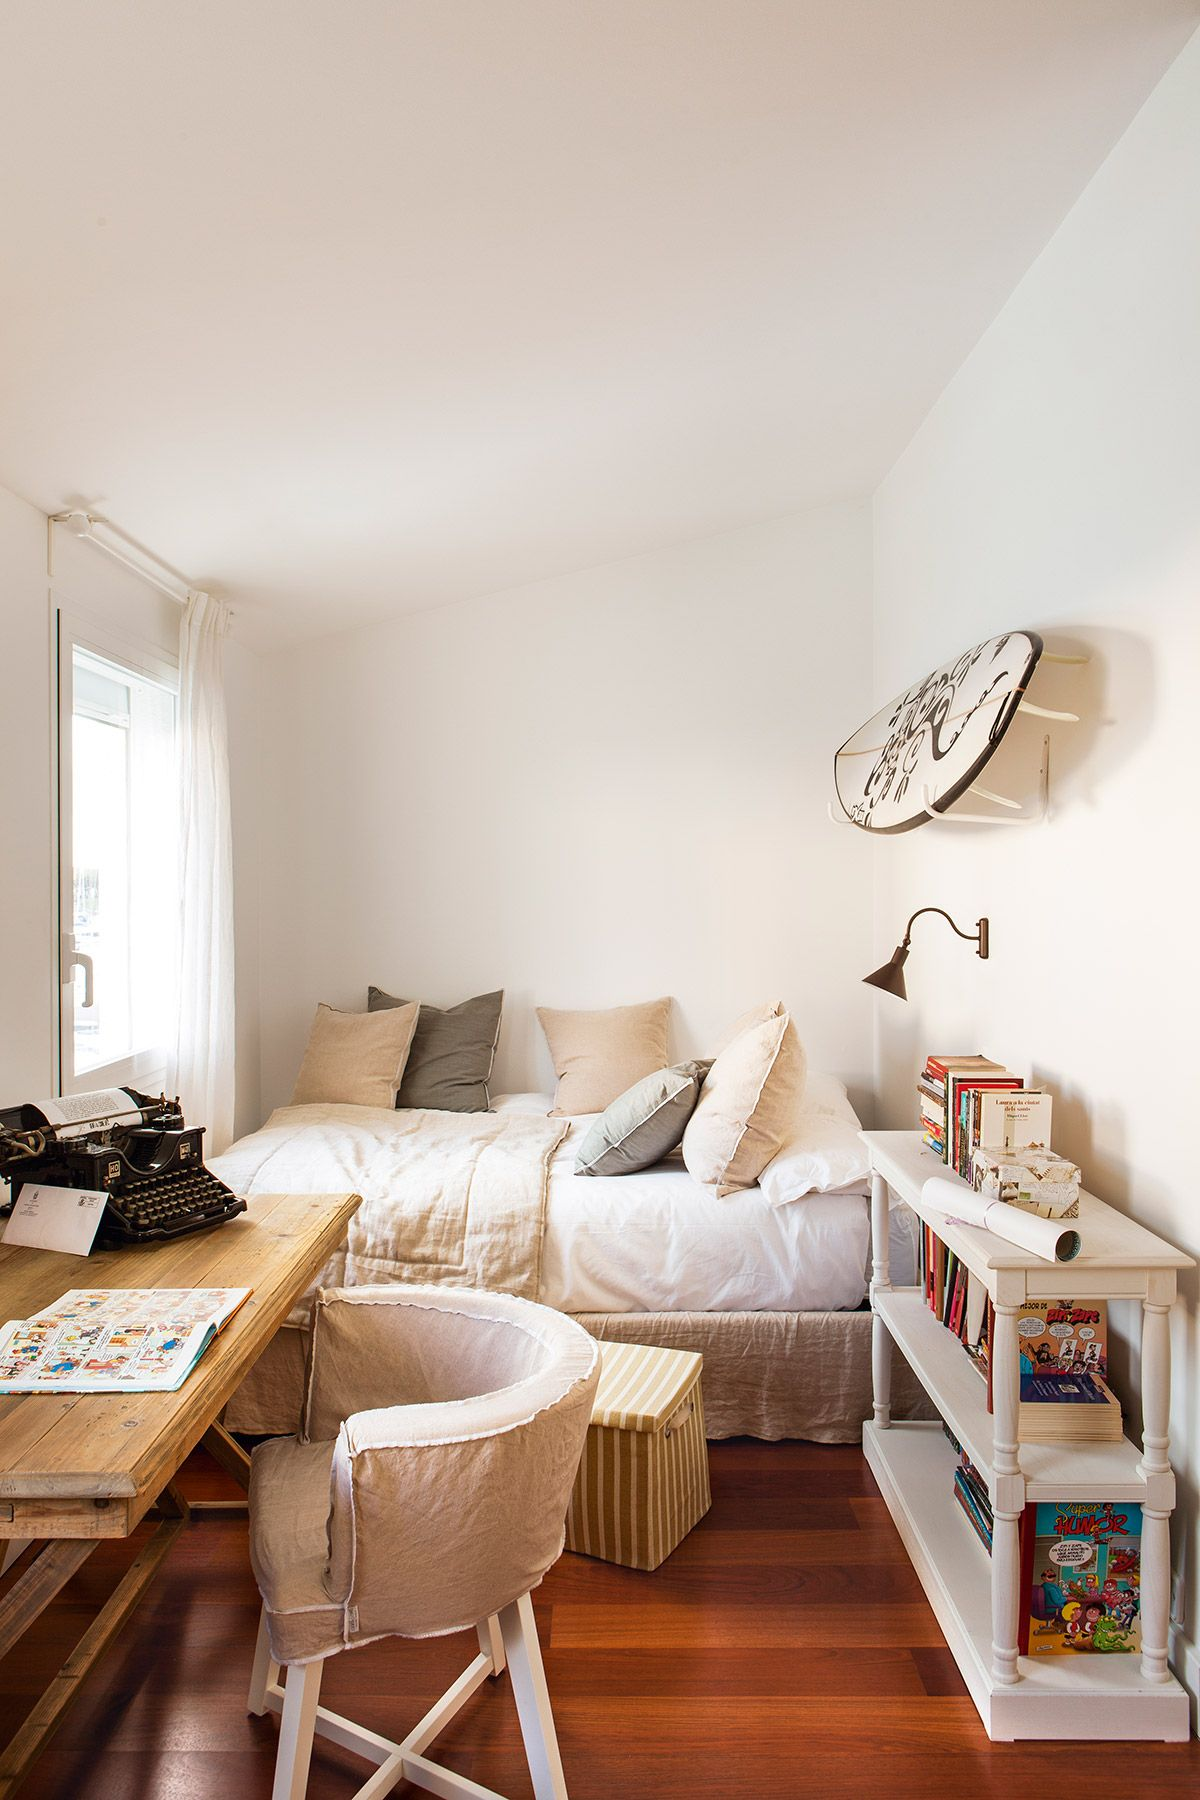 Habitacion Juvenil Muebles Blanco Y Madera Dormitorios Decoracion De Unas